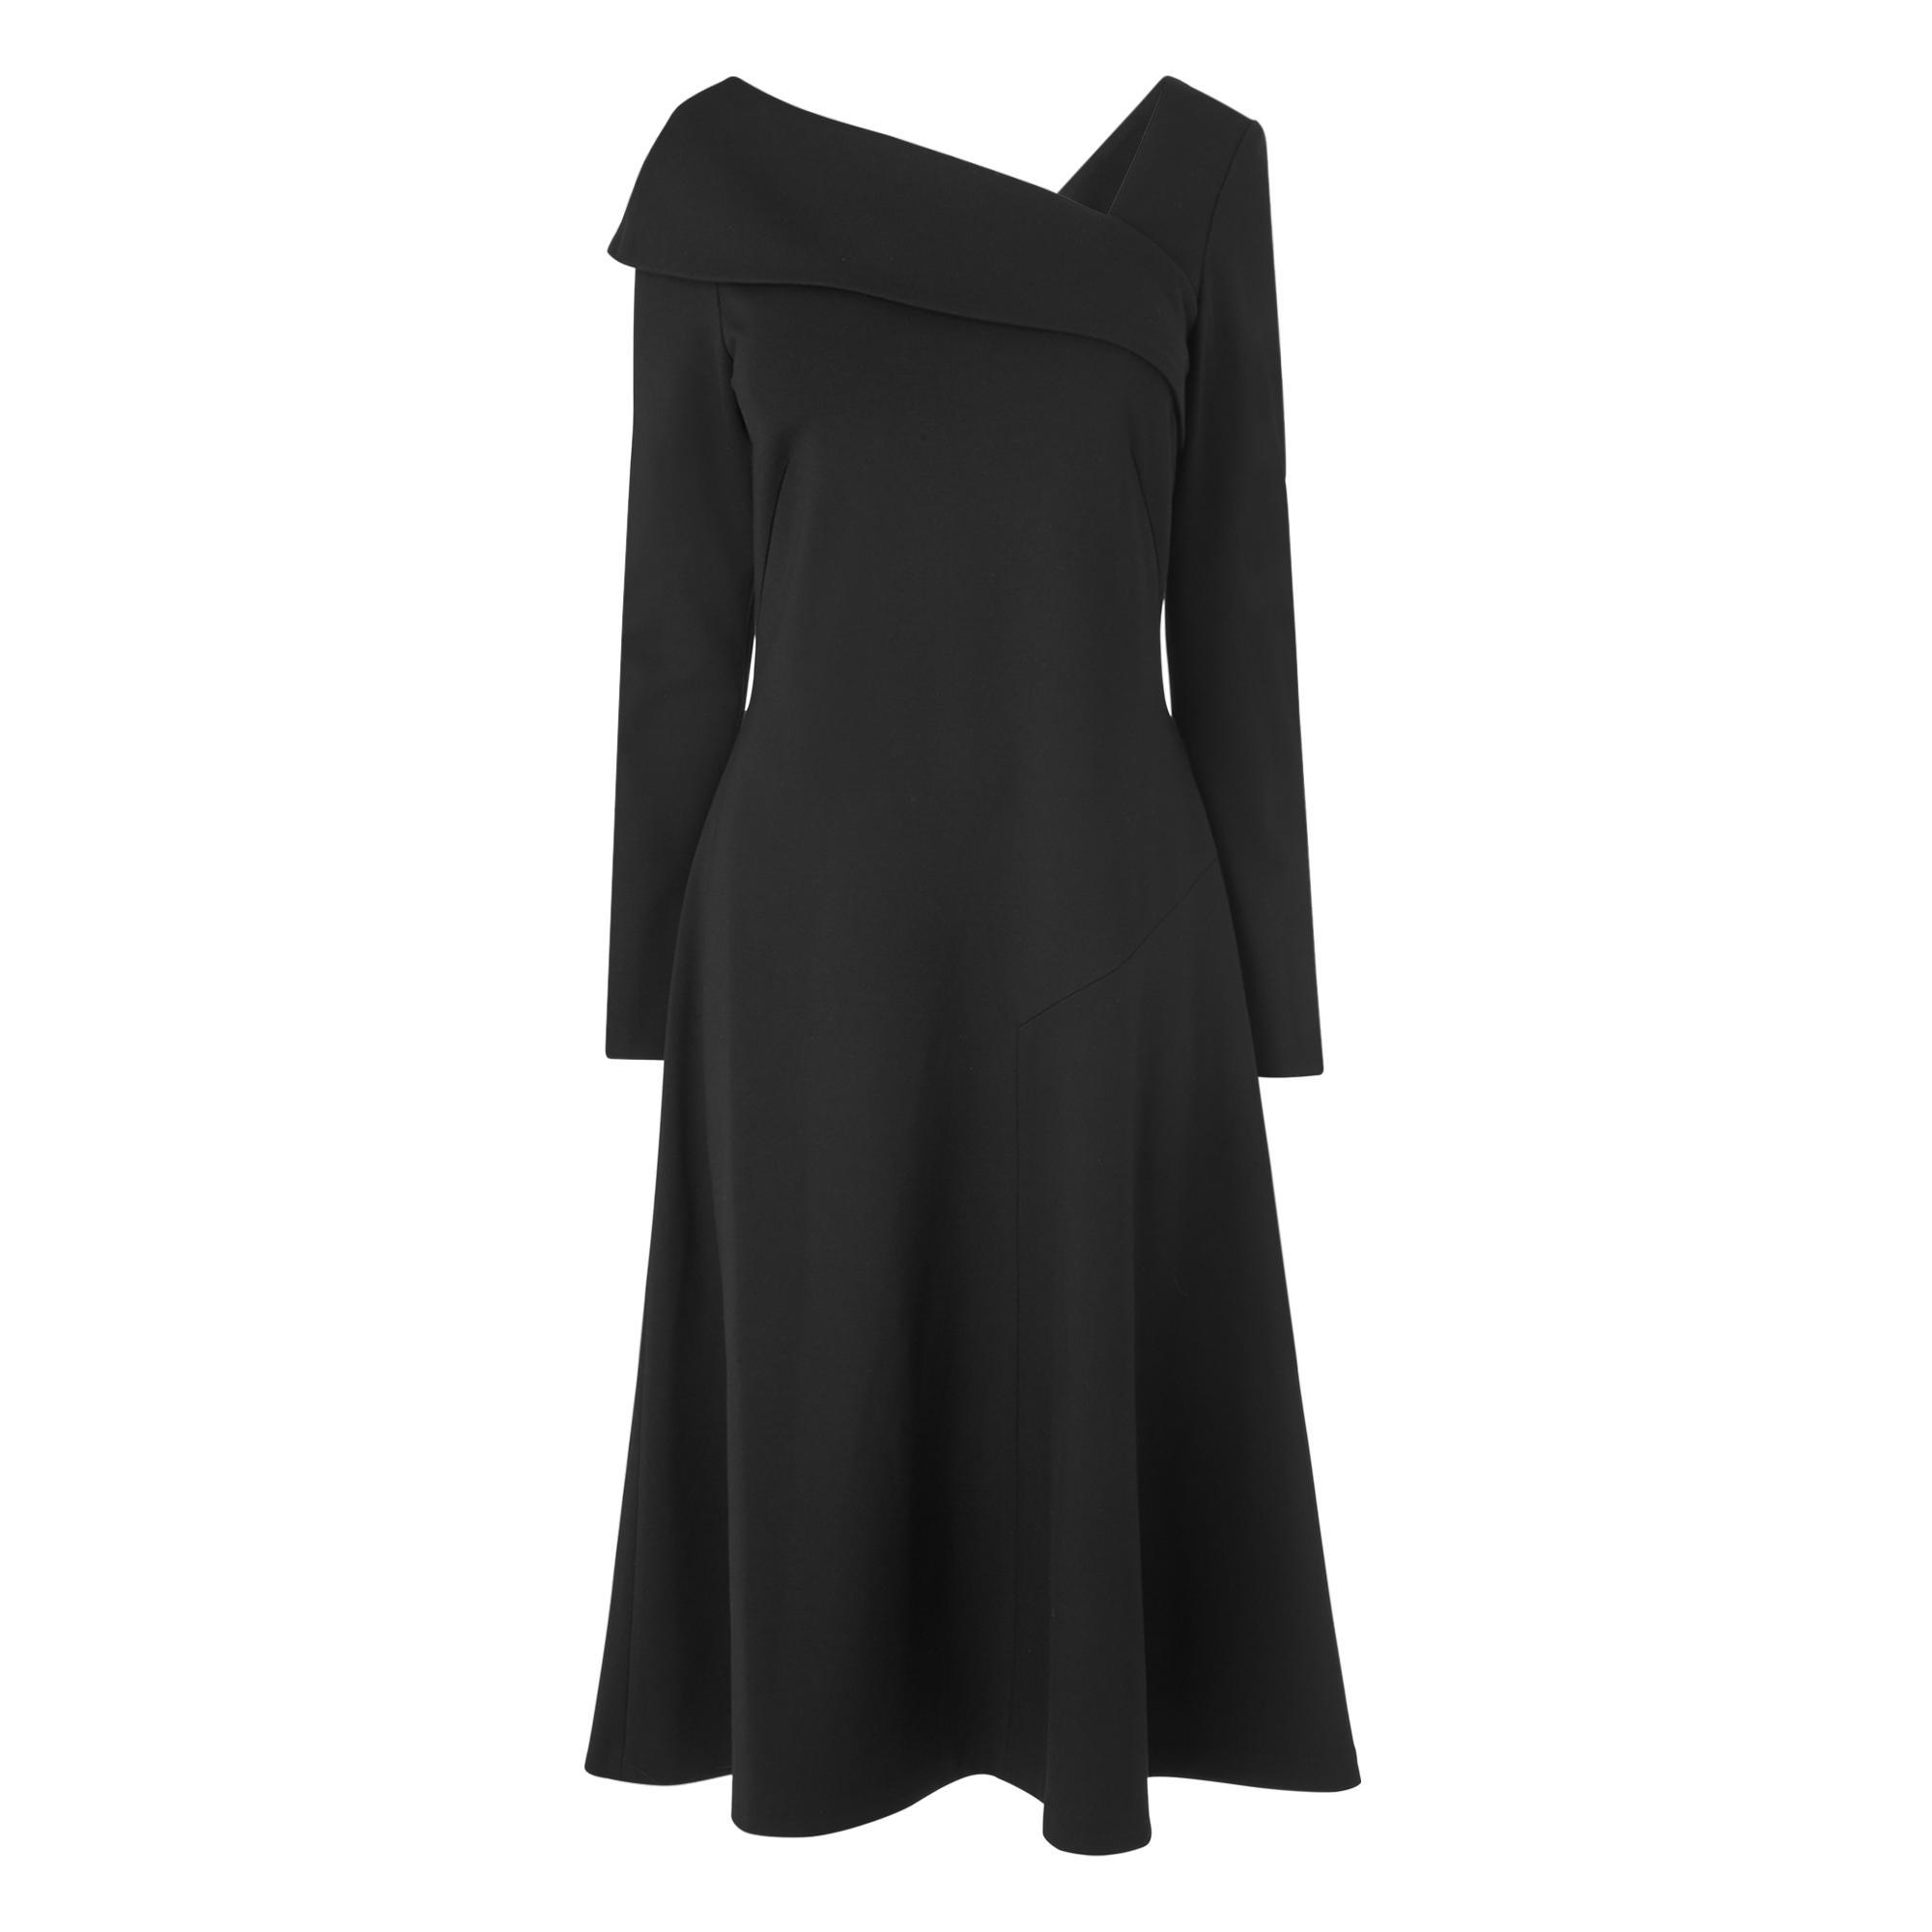 Reema Black Dress